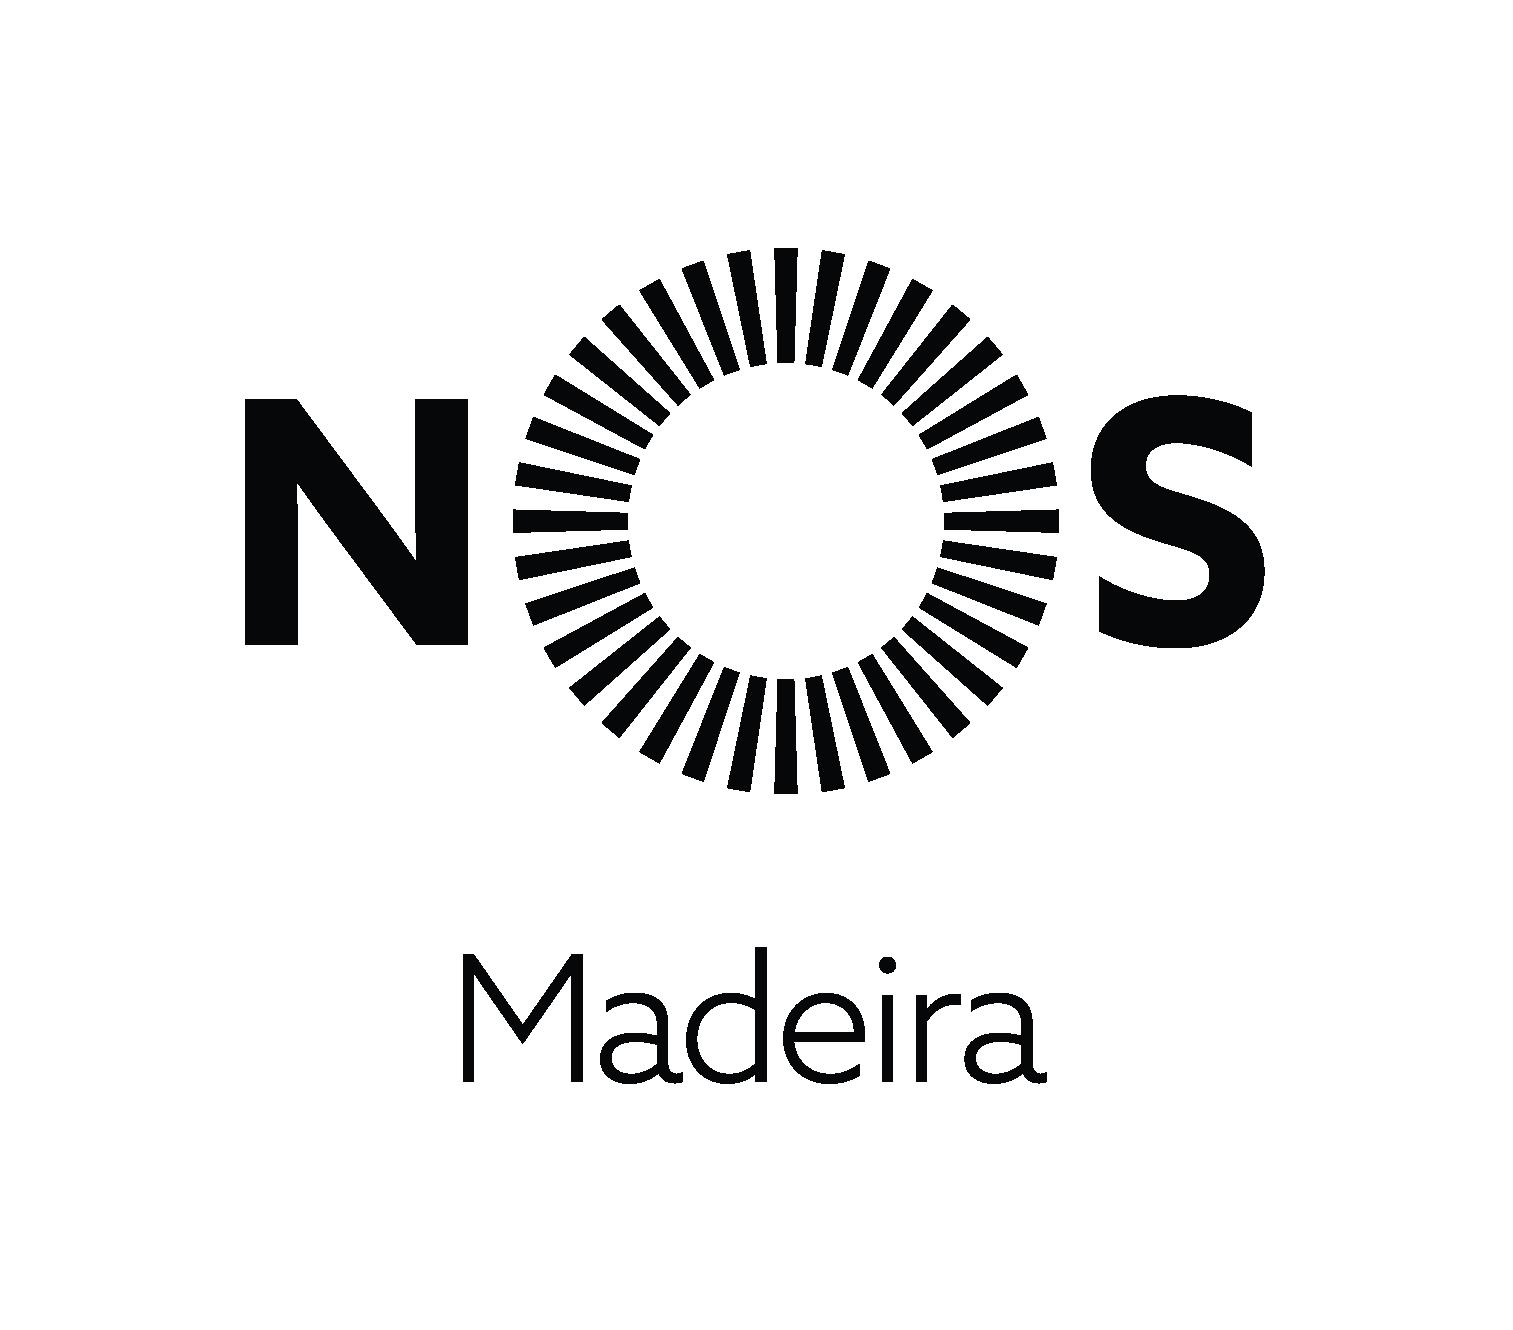 Logo_NOS Madeira - vertical-01